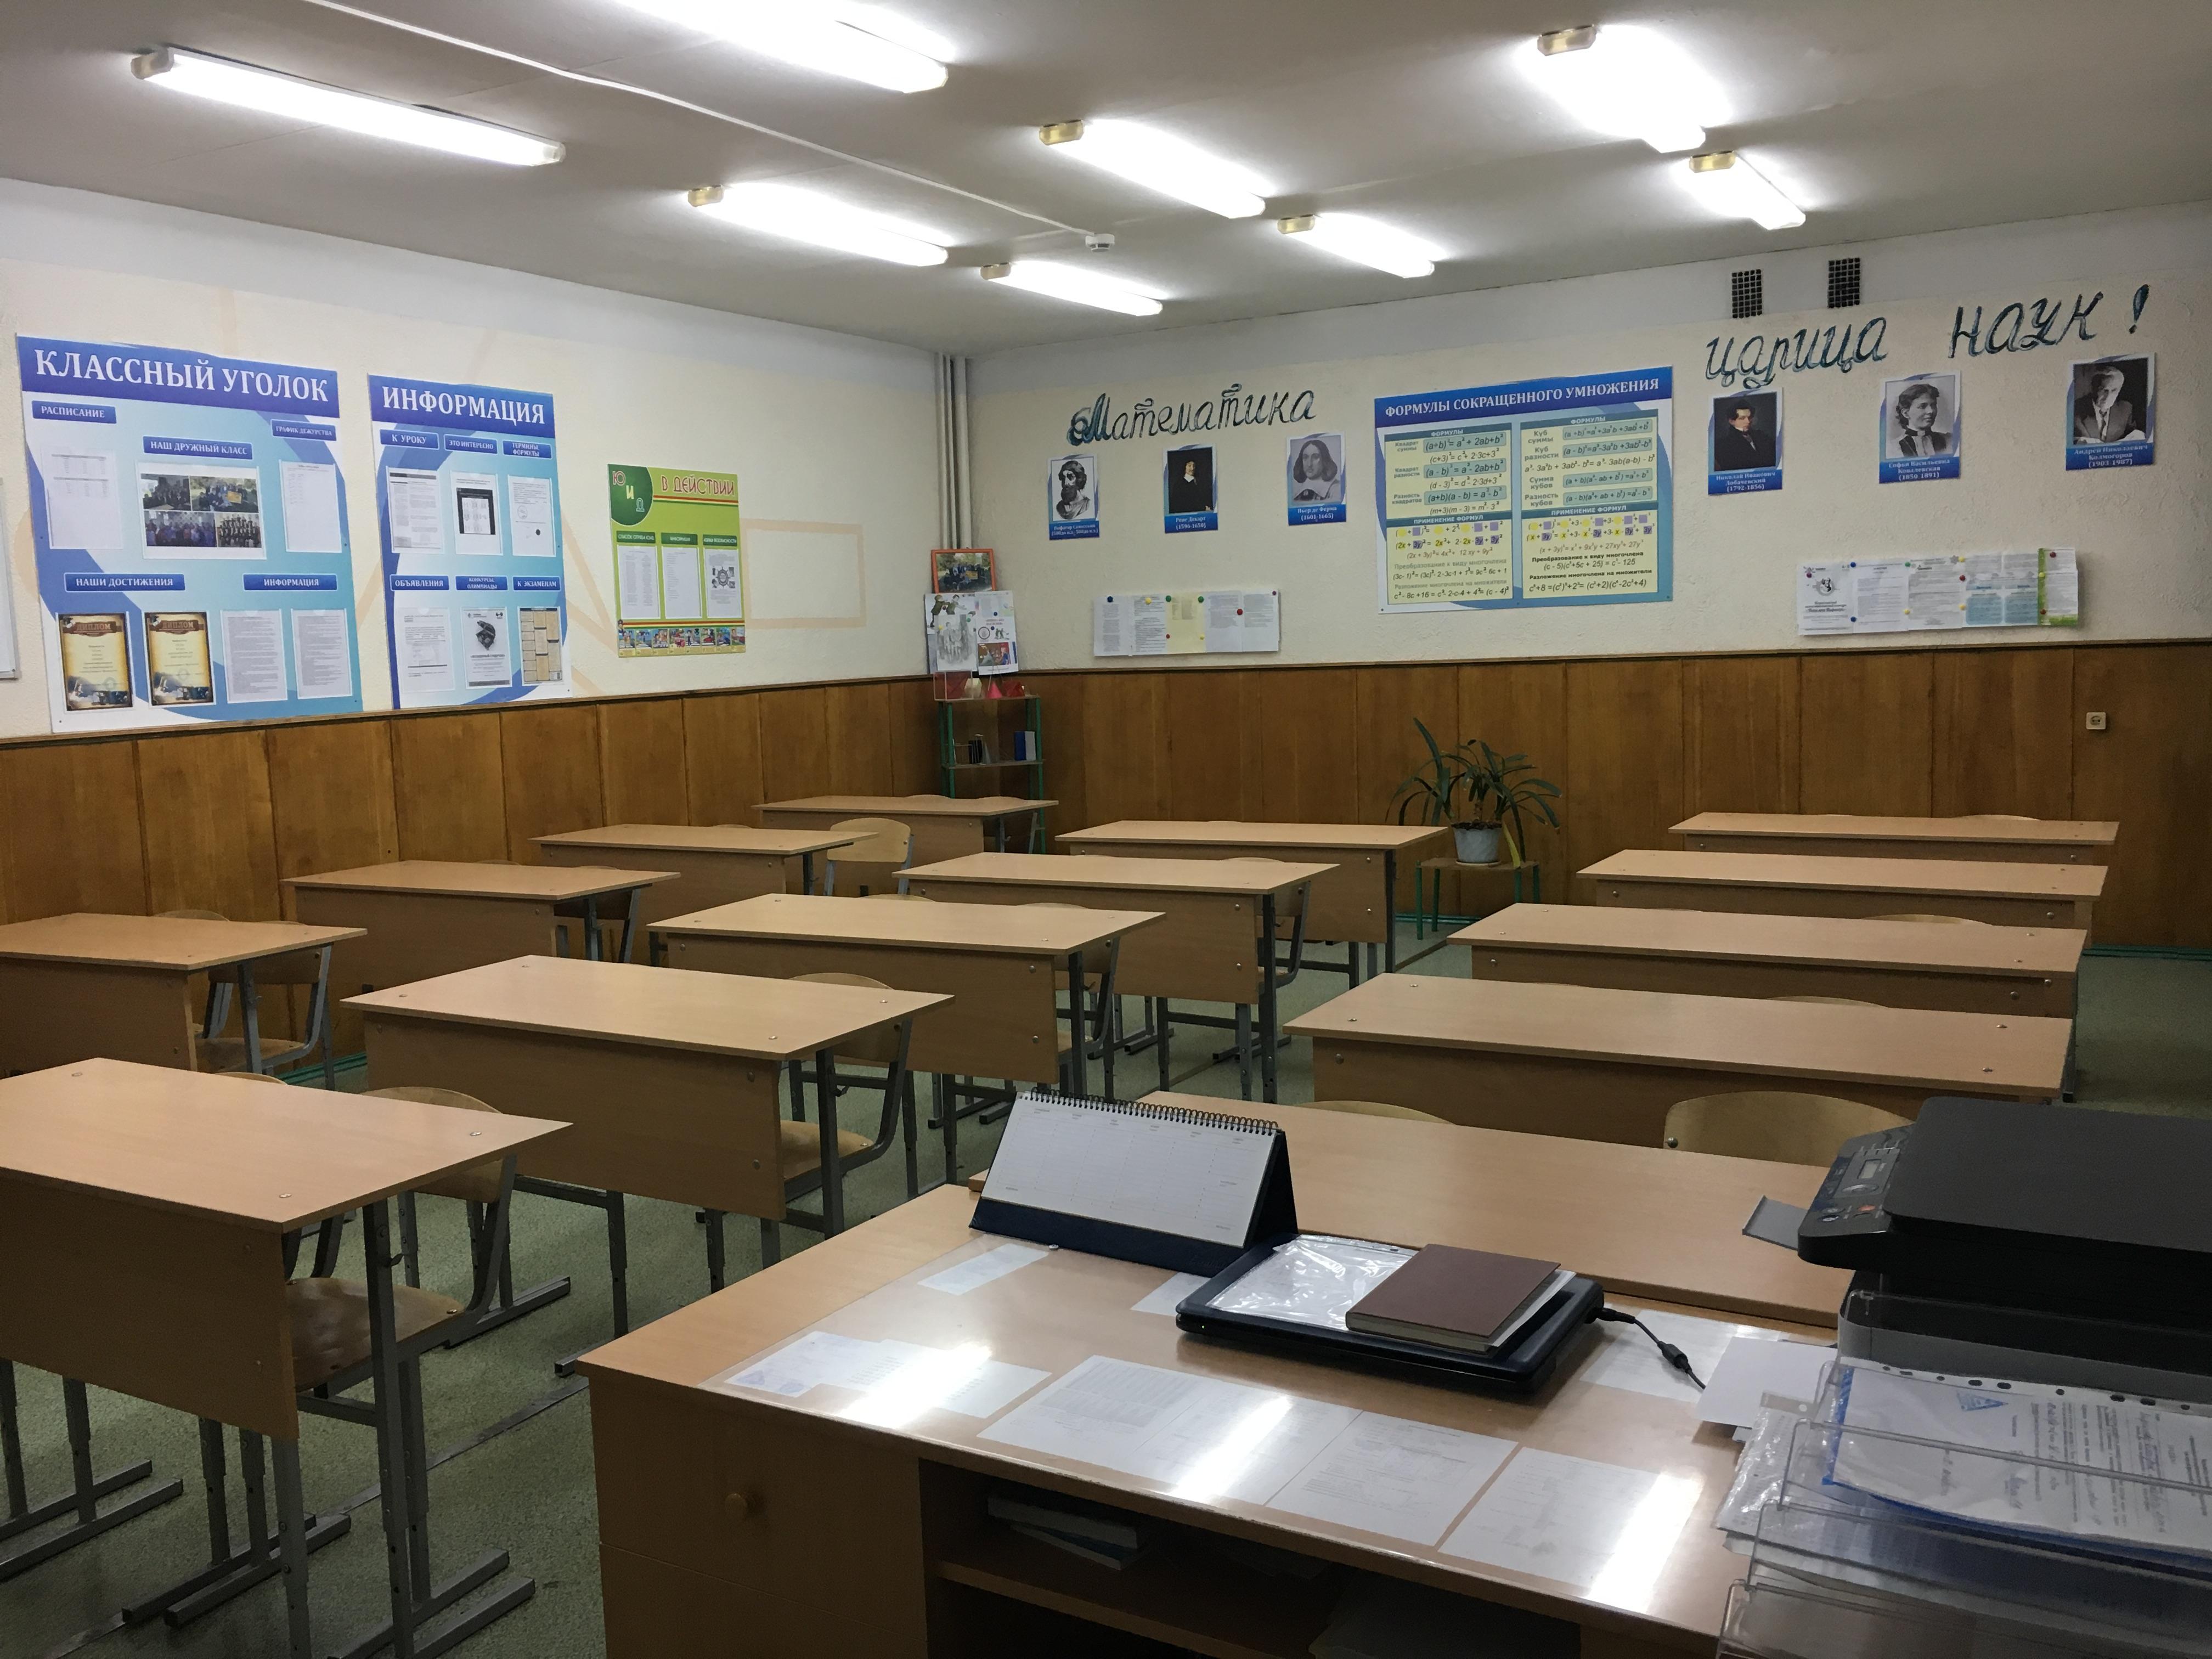 картинки как оформить кабинет математики мне поверишь